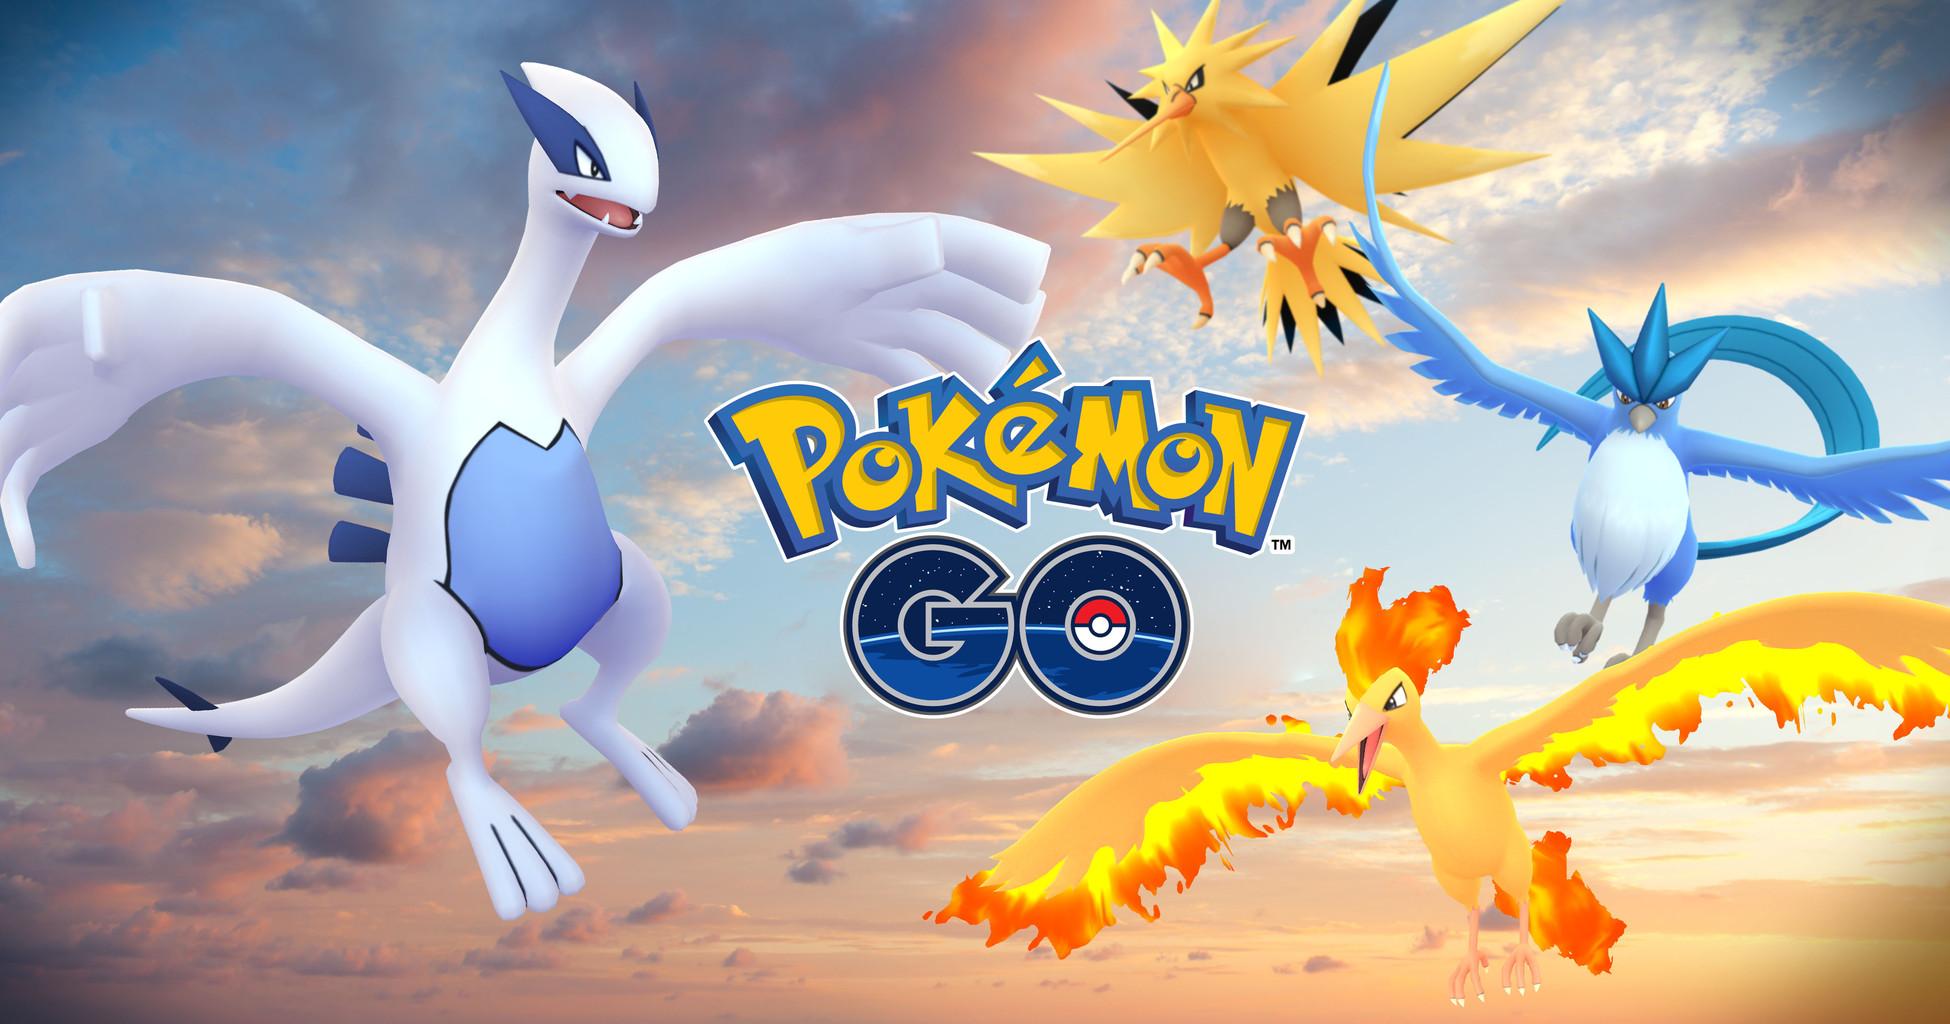 スマホなど向けゲーム「pokemon go」にて伝説のポケモン「ルギア」と